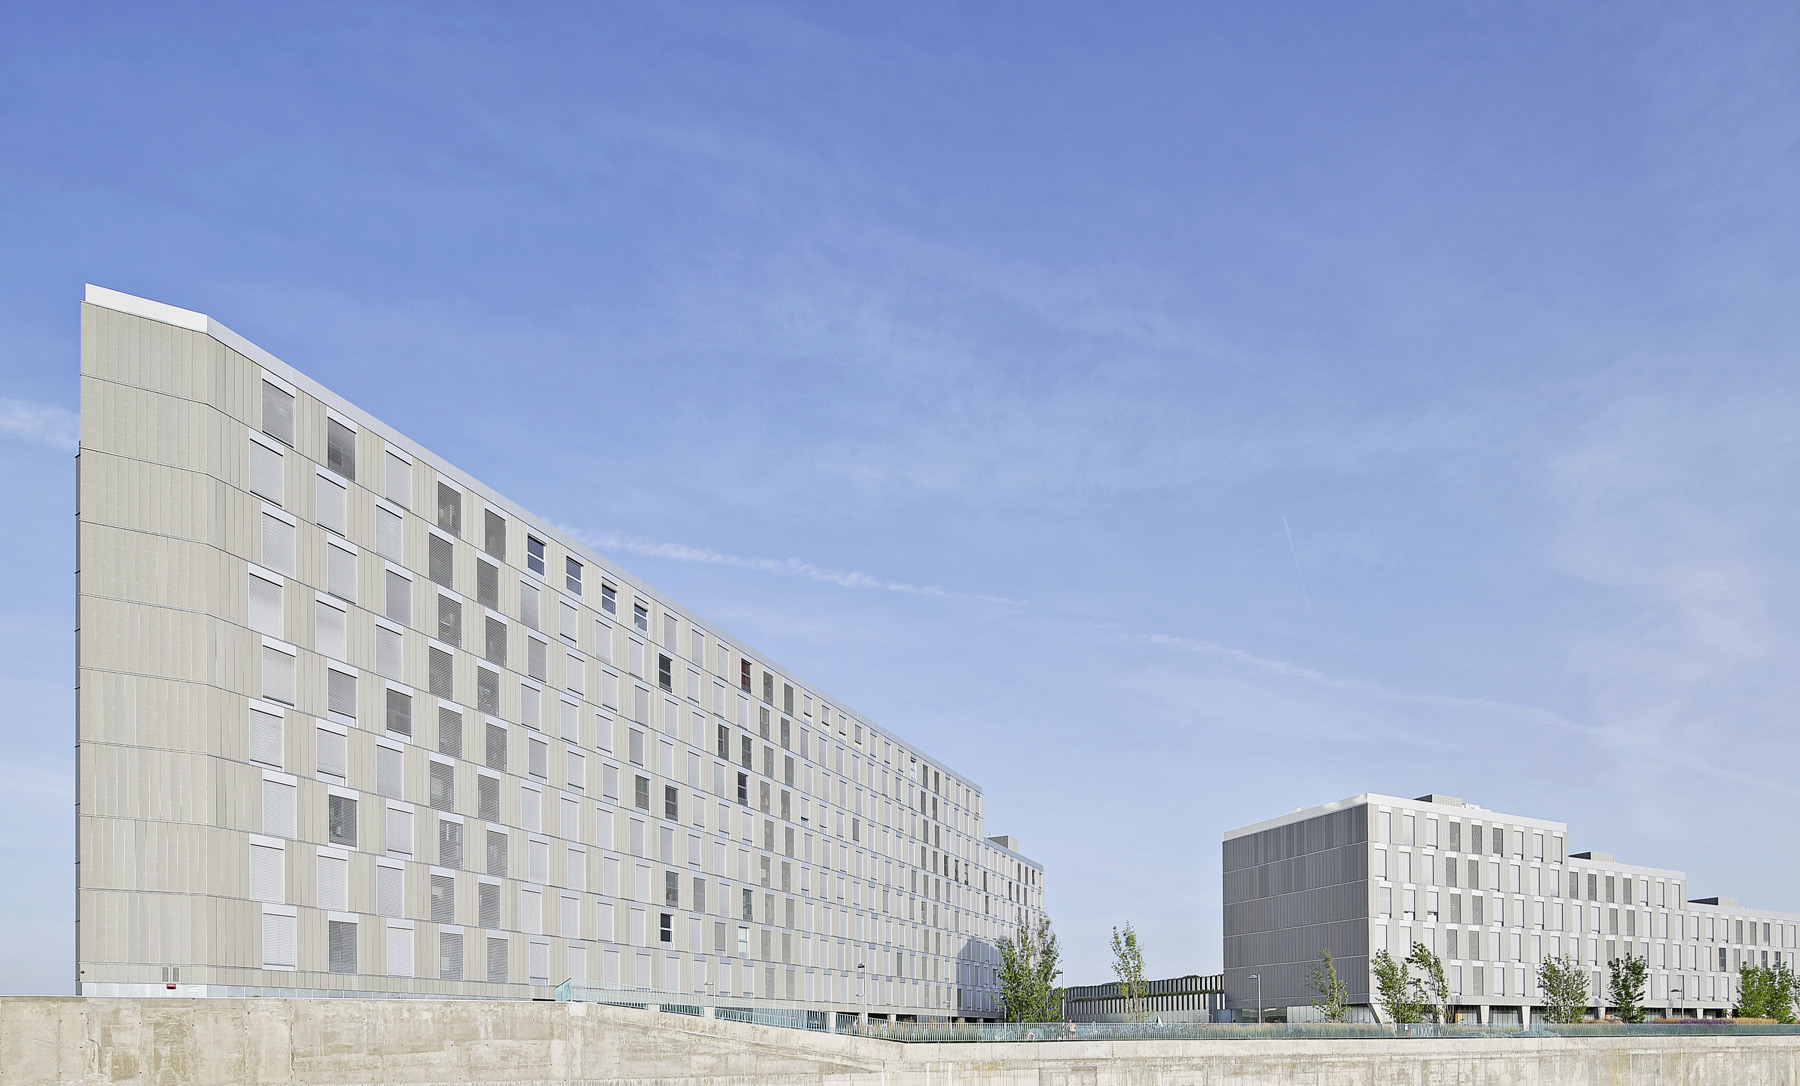 Corporate photographer in Brussels, Belgium